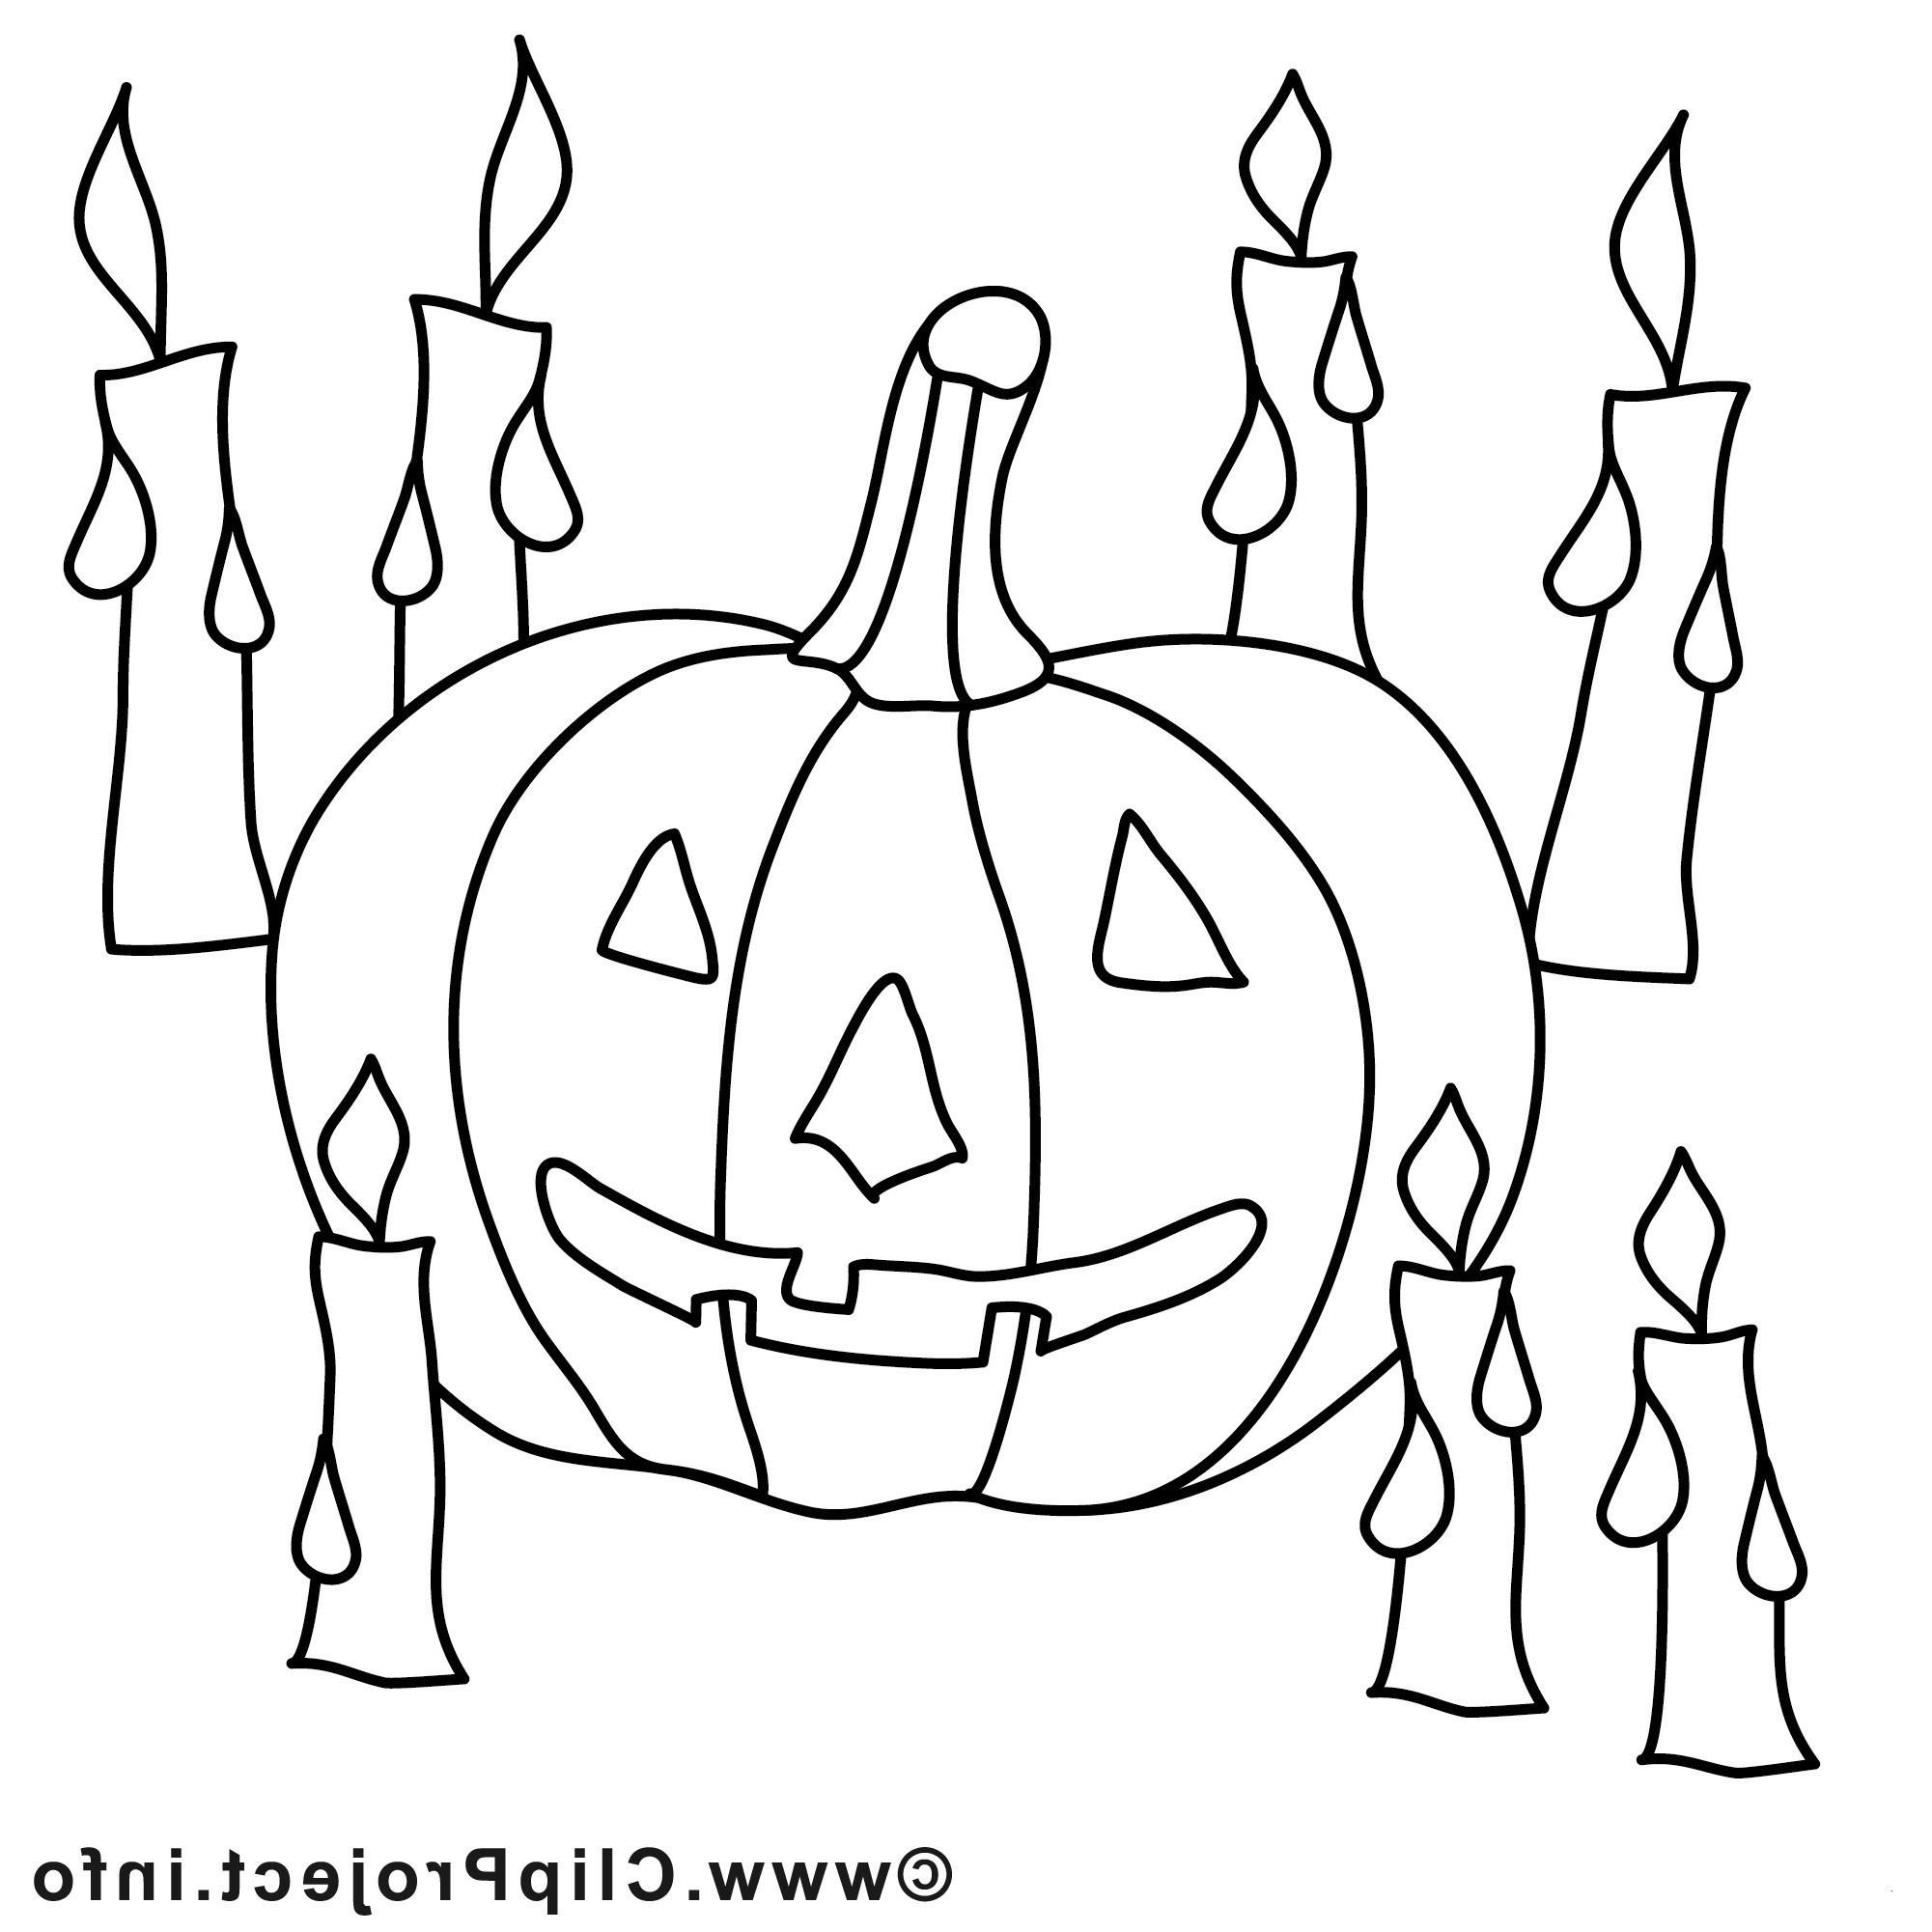 Halloween Ausmalbilder Geister Frisch Malvorlage Geist Frisch Malvorlagen Igel Inspirierend Igel Sammlung